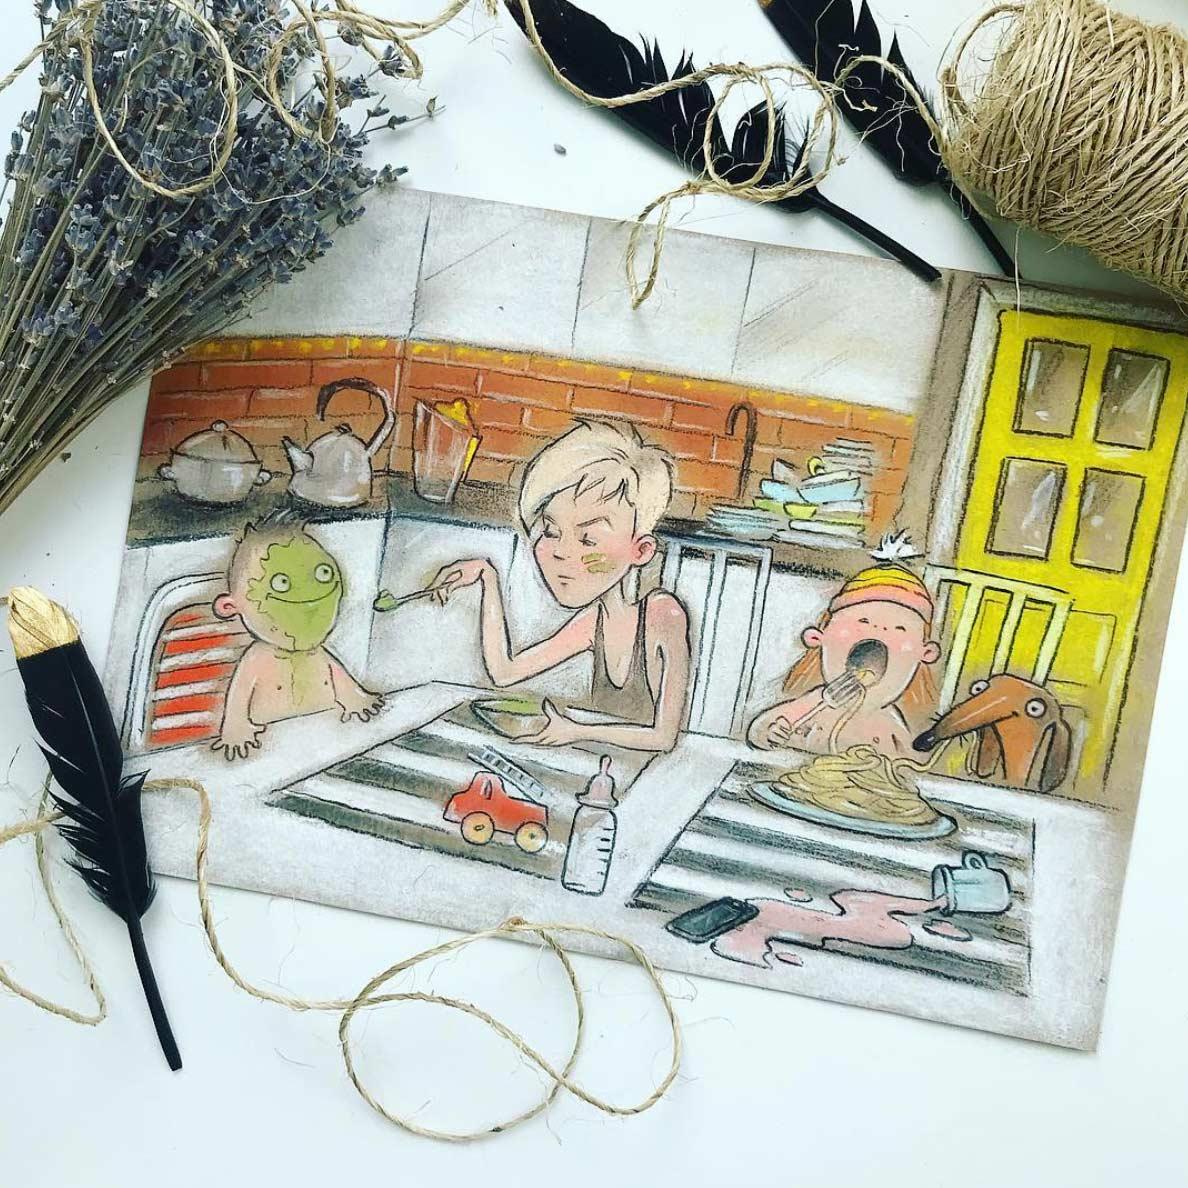 Gezeichnet vom Elterndasein Maria-Gorbunova-gezeichnetes-elterndasein_04